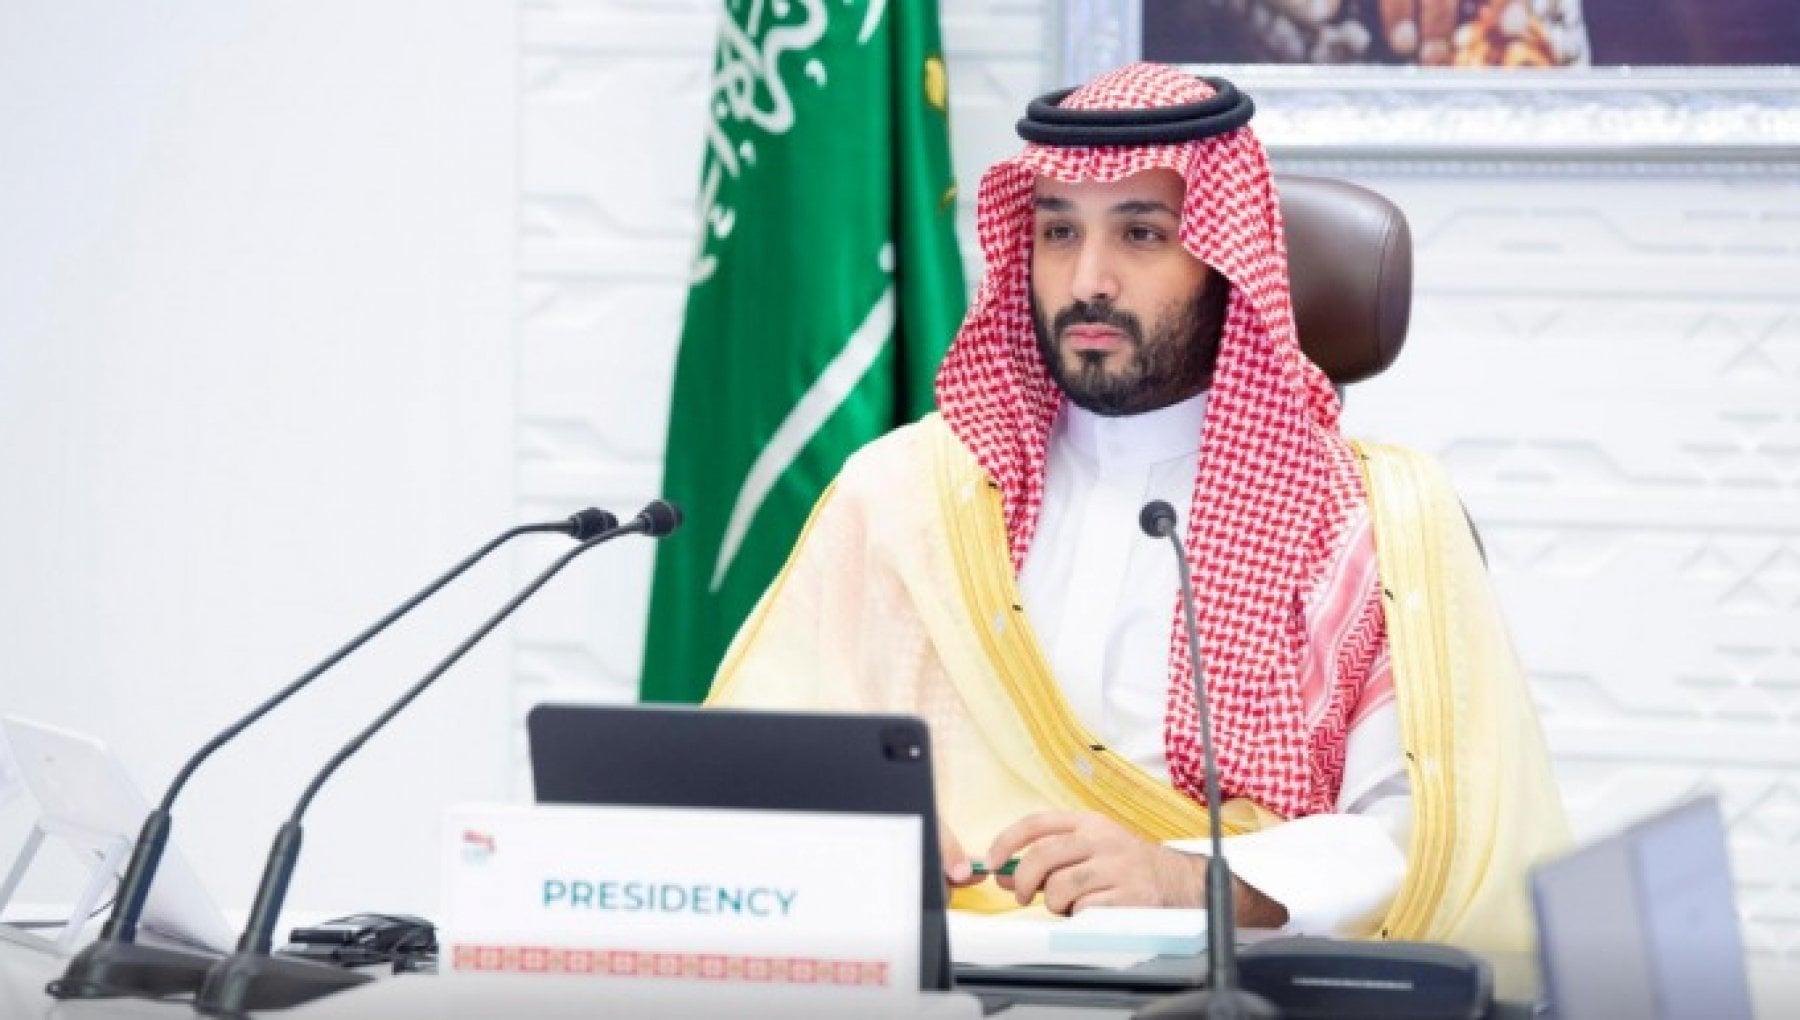 203558357 d35e5673 7536 44a8 b9c4 a267e6437ba3 - Un edificio di Ginevra al centro della faida nella famiglia reale saudita